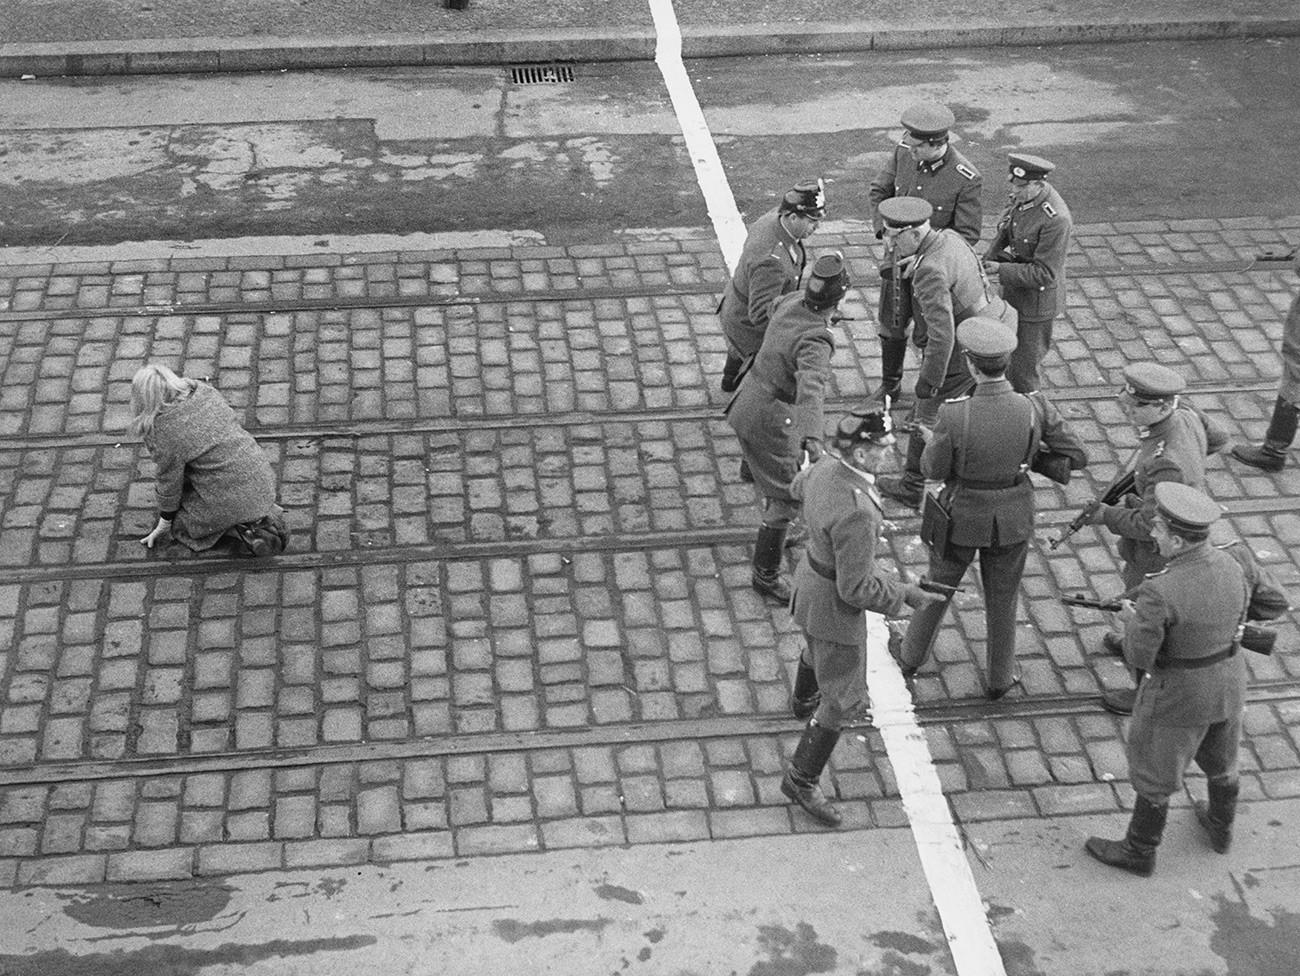 """Немачка глумица Нана Остен (лево) у улози Рите, другарице бегунца из Источне Немачке у сцени из филма """"Данас у Берлину"""" редитеља Пјера Виварелија, 1962. Са десне стране су глумци који играју западноберлинске полицајце и представнике источнонемачке народне полиције."""